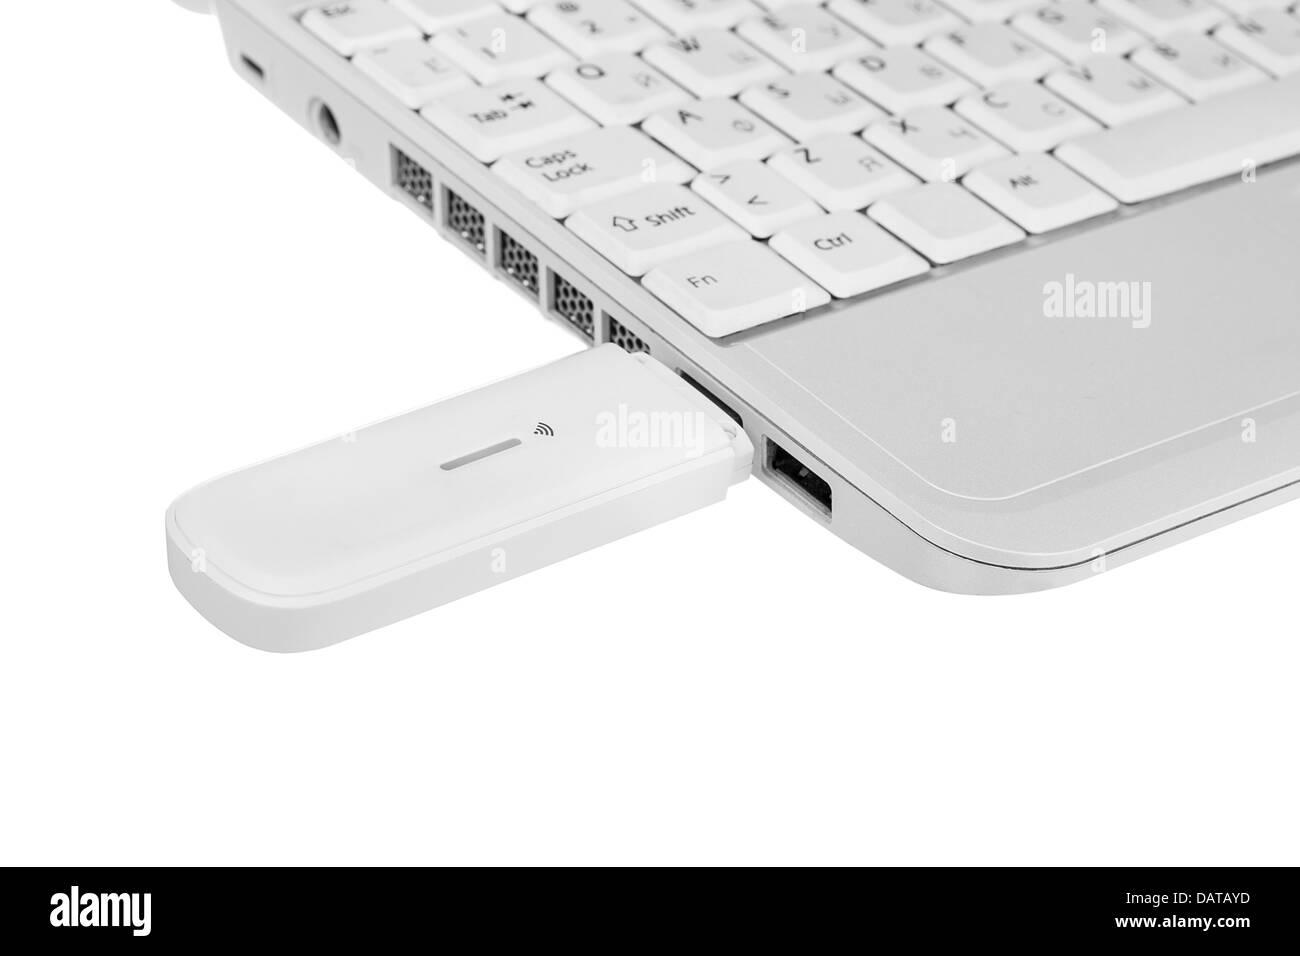 Ordenadores portátiles con módem wi-fi Imagen De Stock